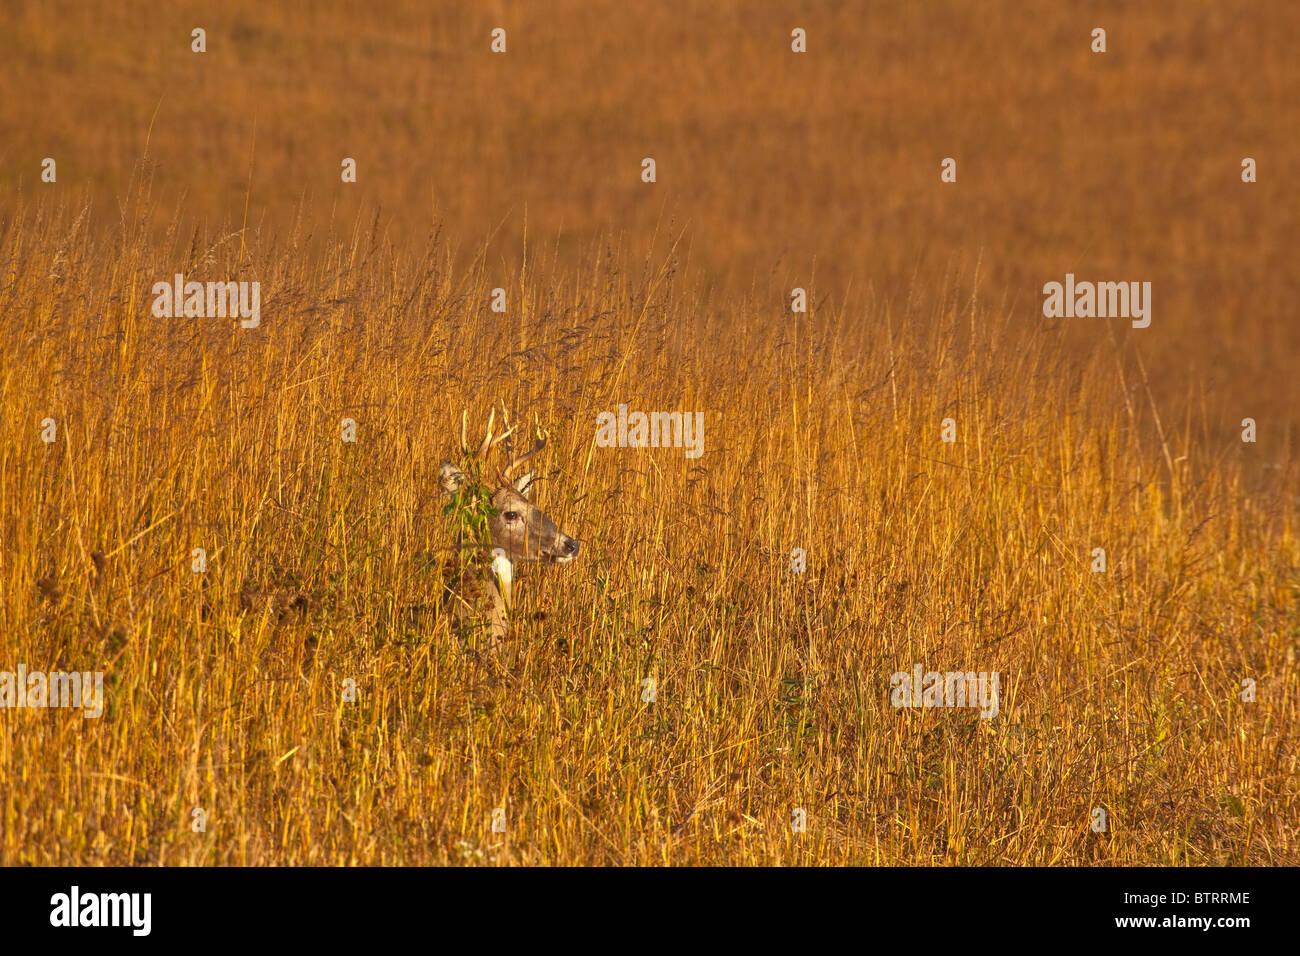 Buck, cerf, debout au milieu de la prairie à herbes hautes à Neal Smith National Wildlife Refuge, Prairie Photo Stock